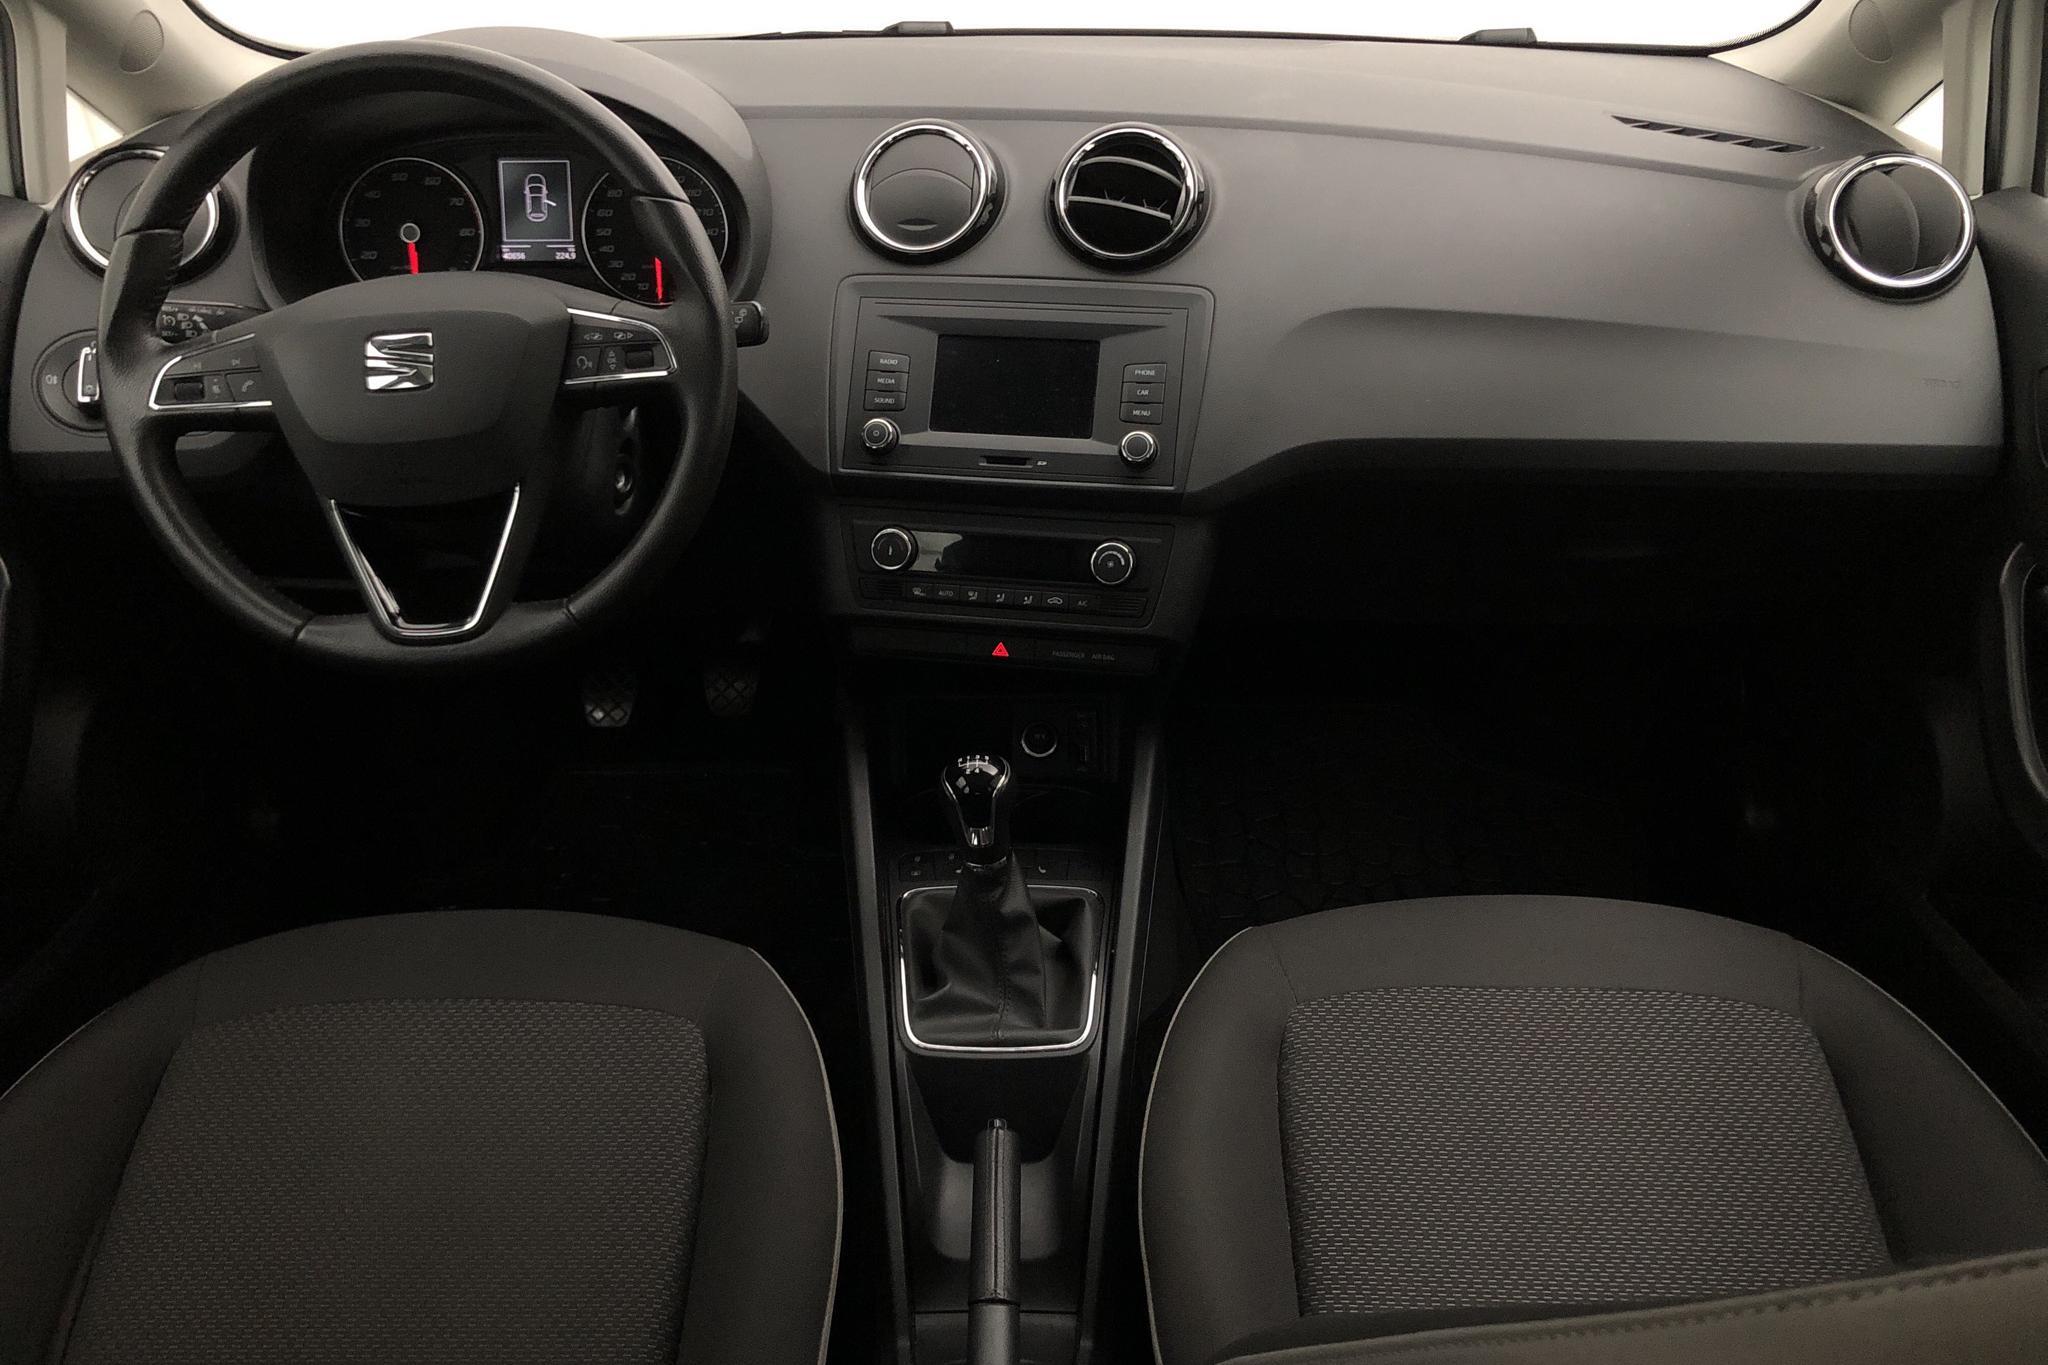 Seat Ibiza 1.2 TSI 5dr (90hk) - 40 600 km - Manual - white - 2017